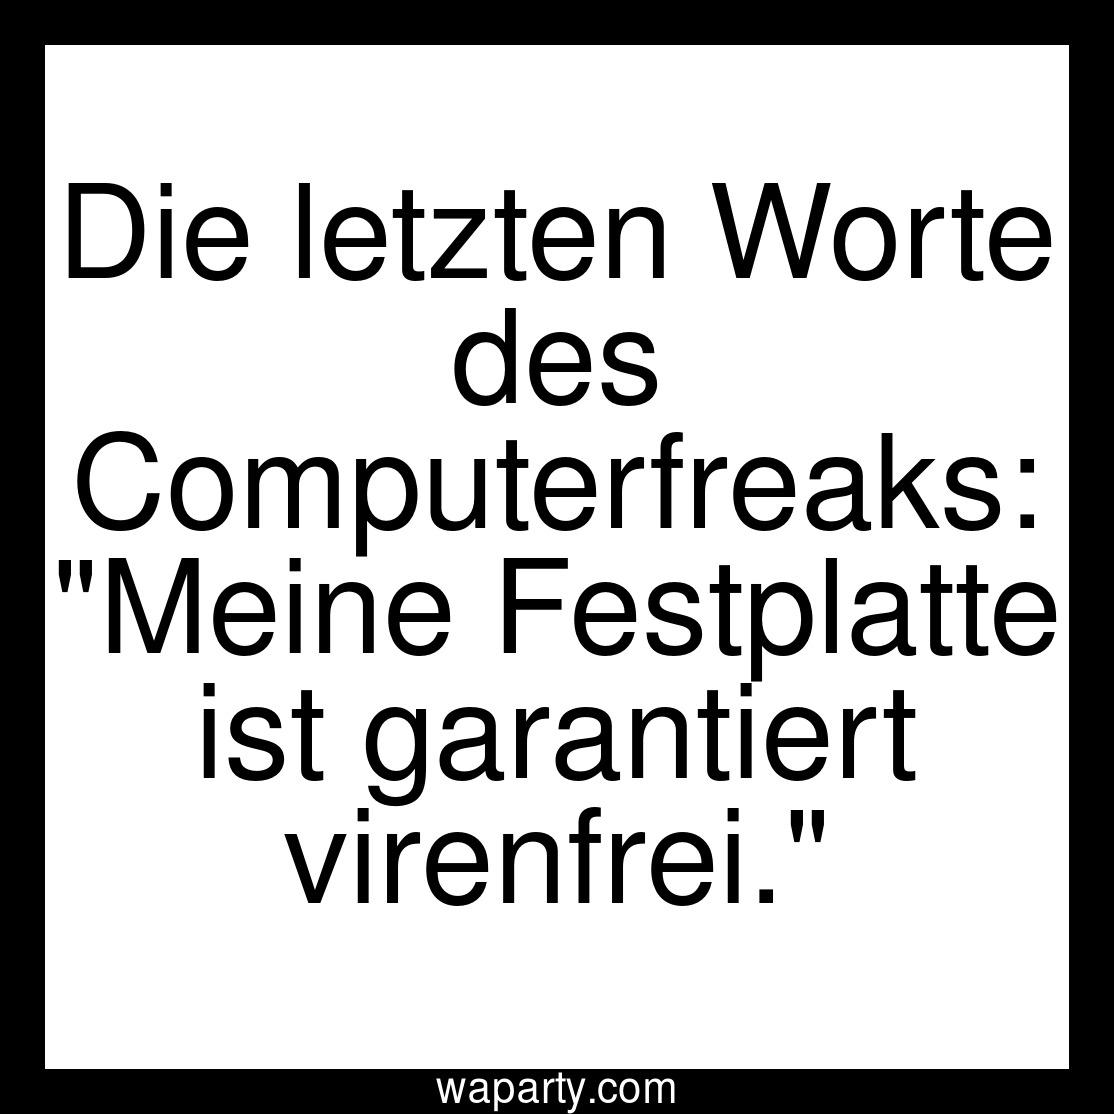 Die letzten Worte des Computerfreaks: Meine Festplatte ist garantiert virenfrei.